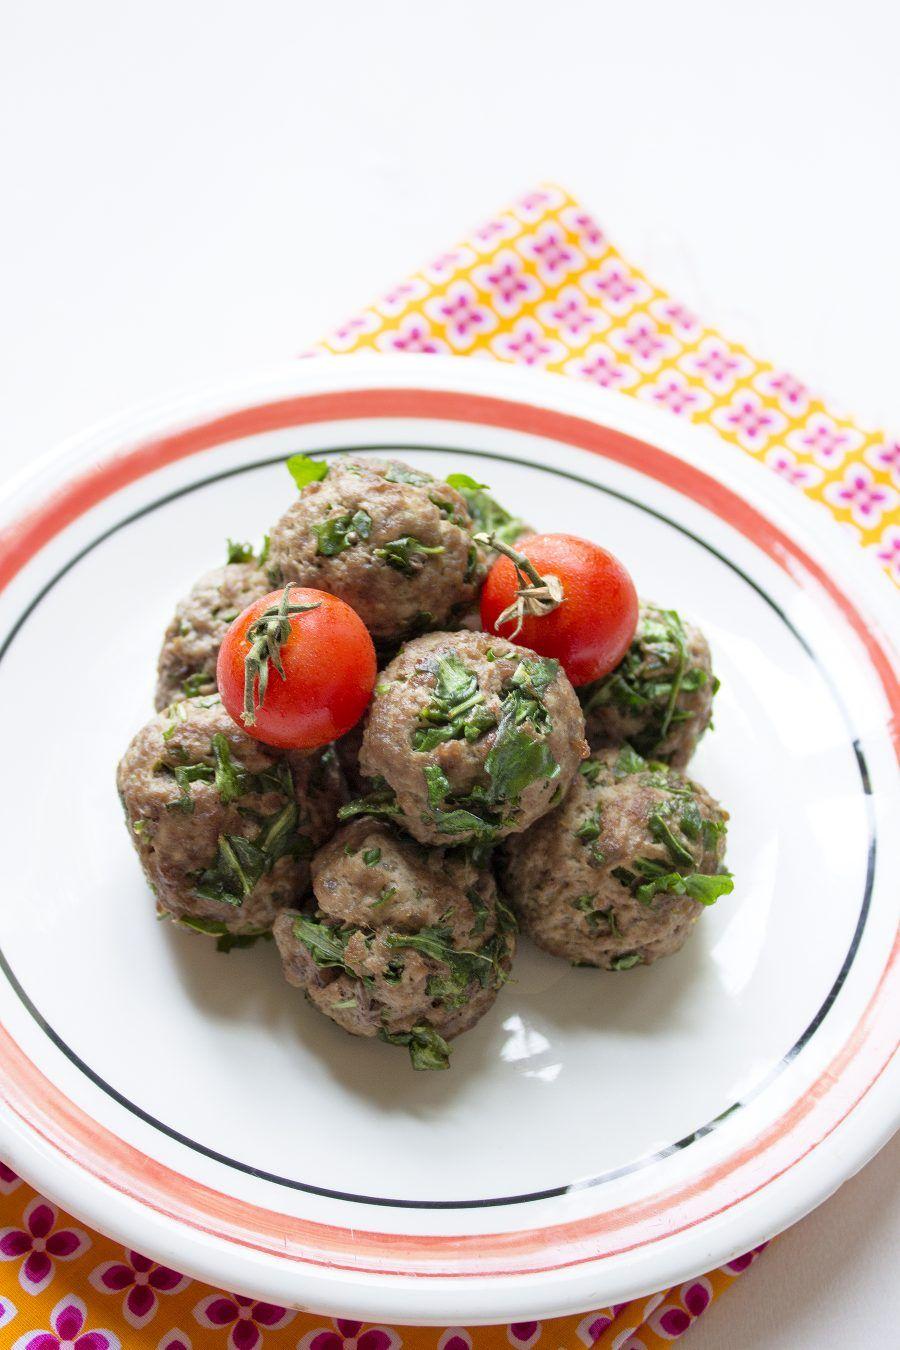 polpette-carne-e-rucola-fritte-4-contemporaneo-food